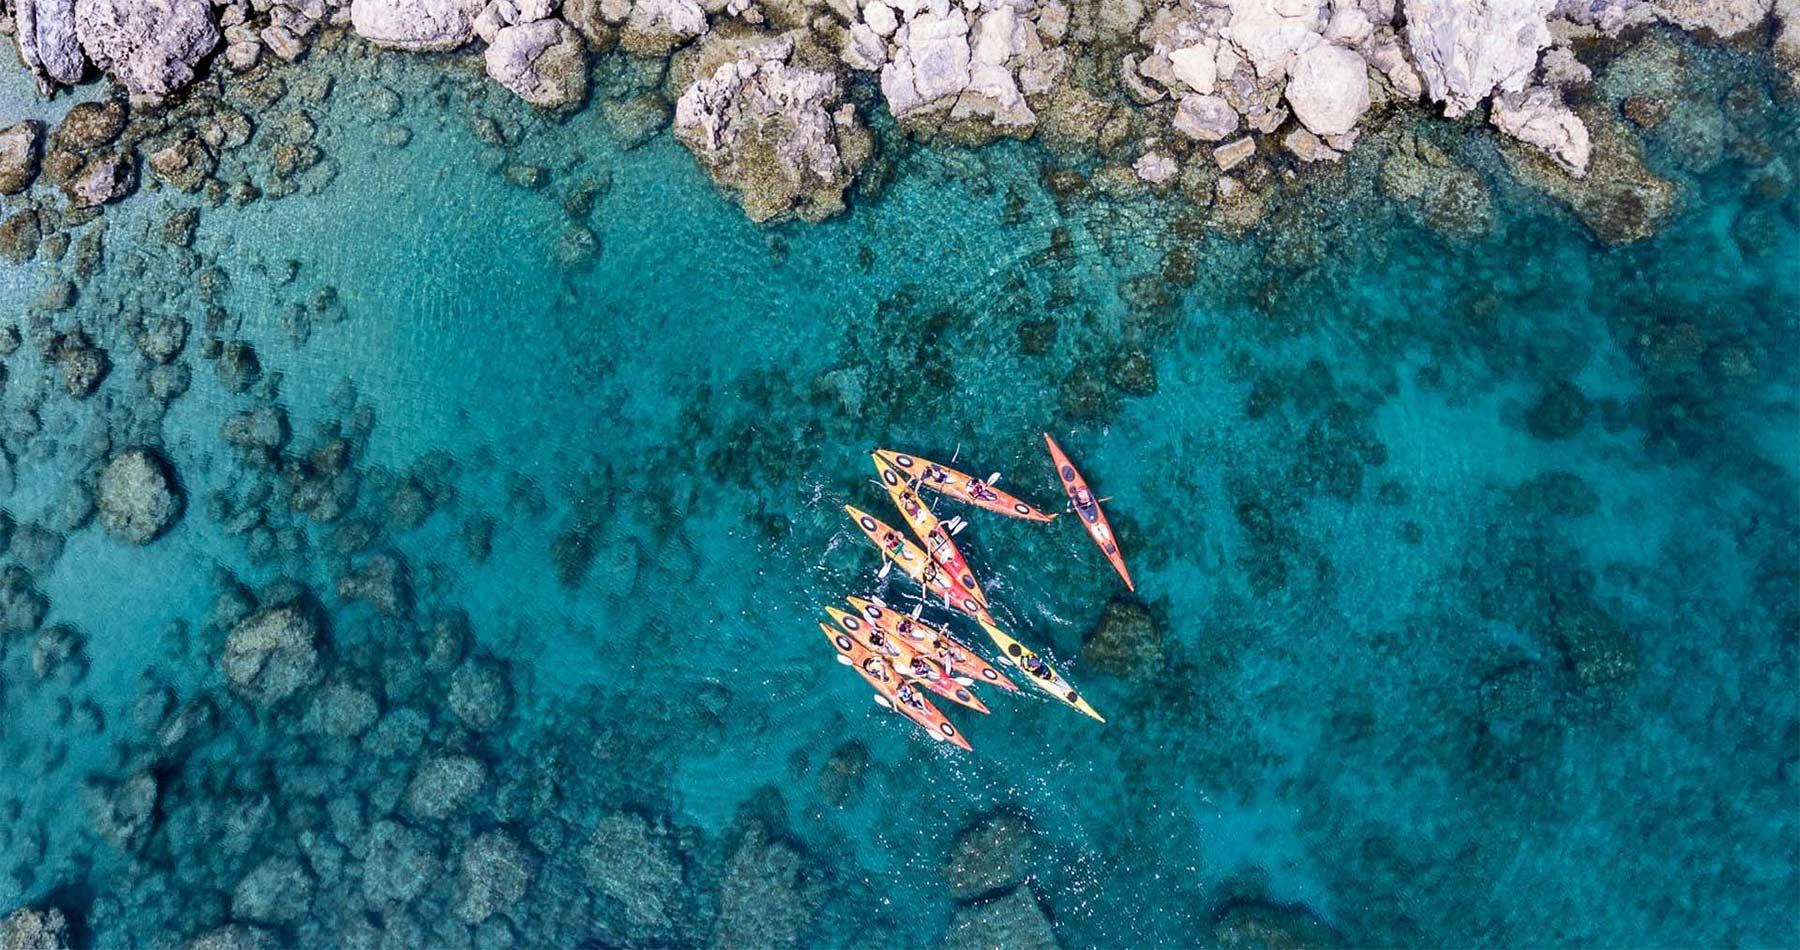 Rhodes Experiences sea kayaking tour the pirates route 9